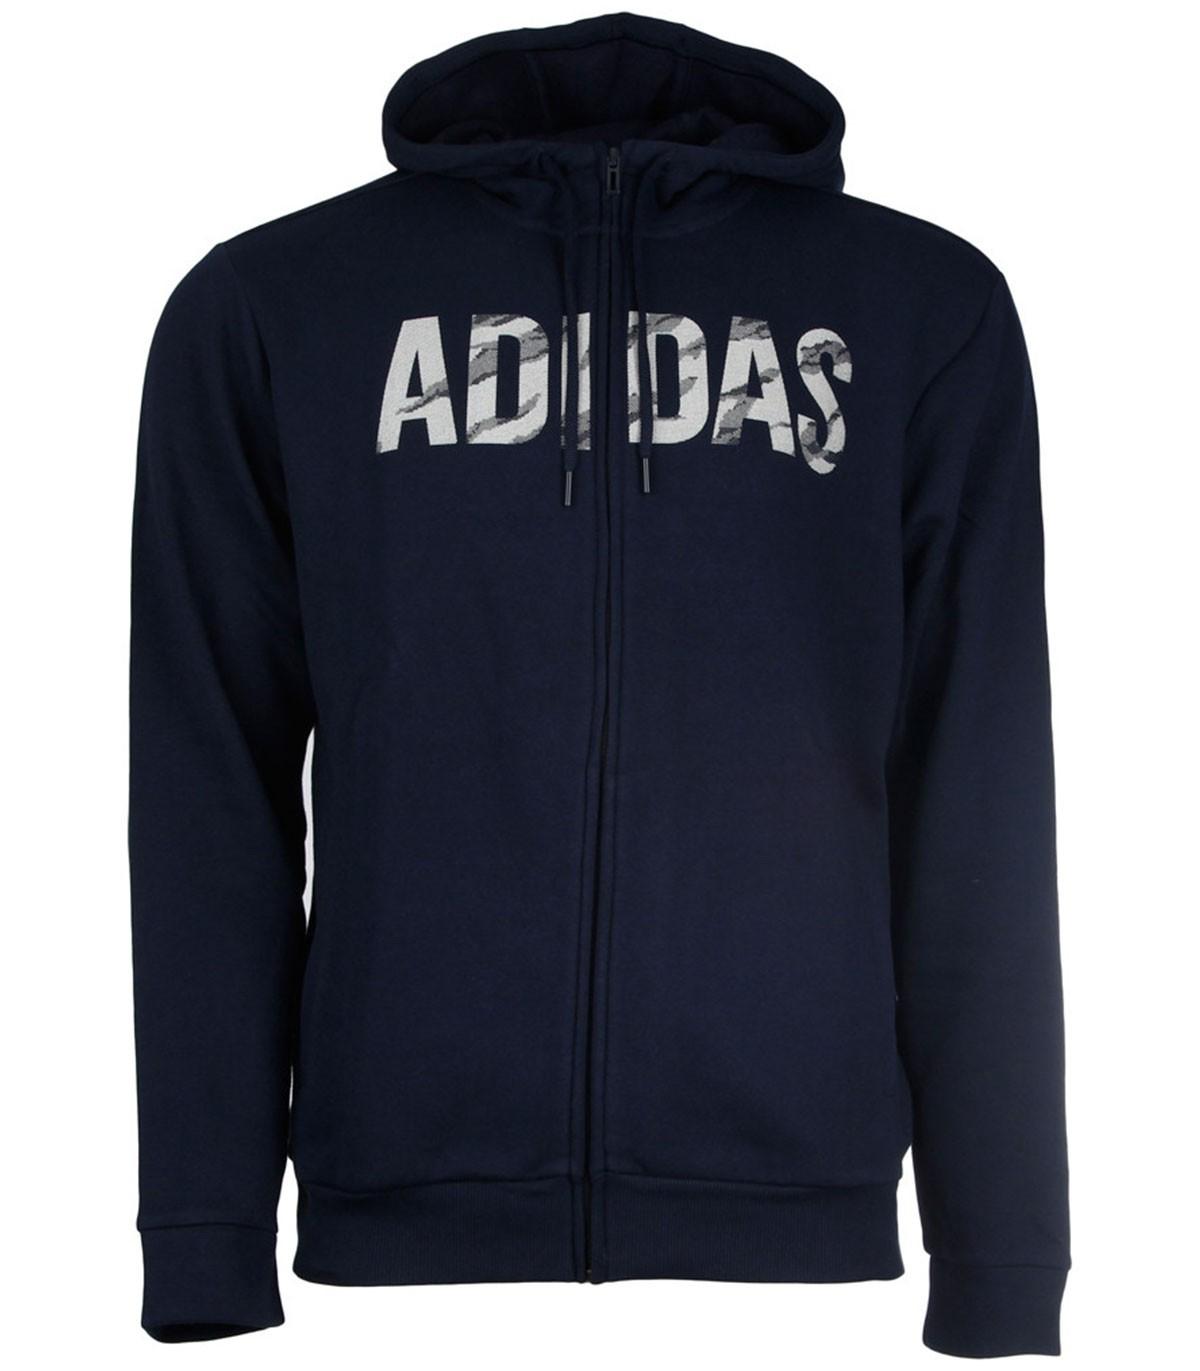 Logo Ebay Sudadera Originals Dt5746 Osr Adidas RUg6wqP